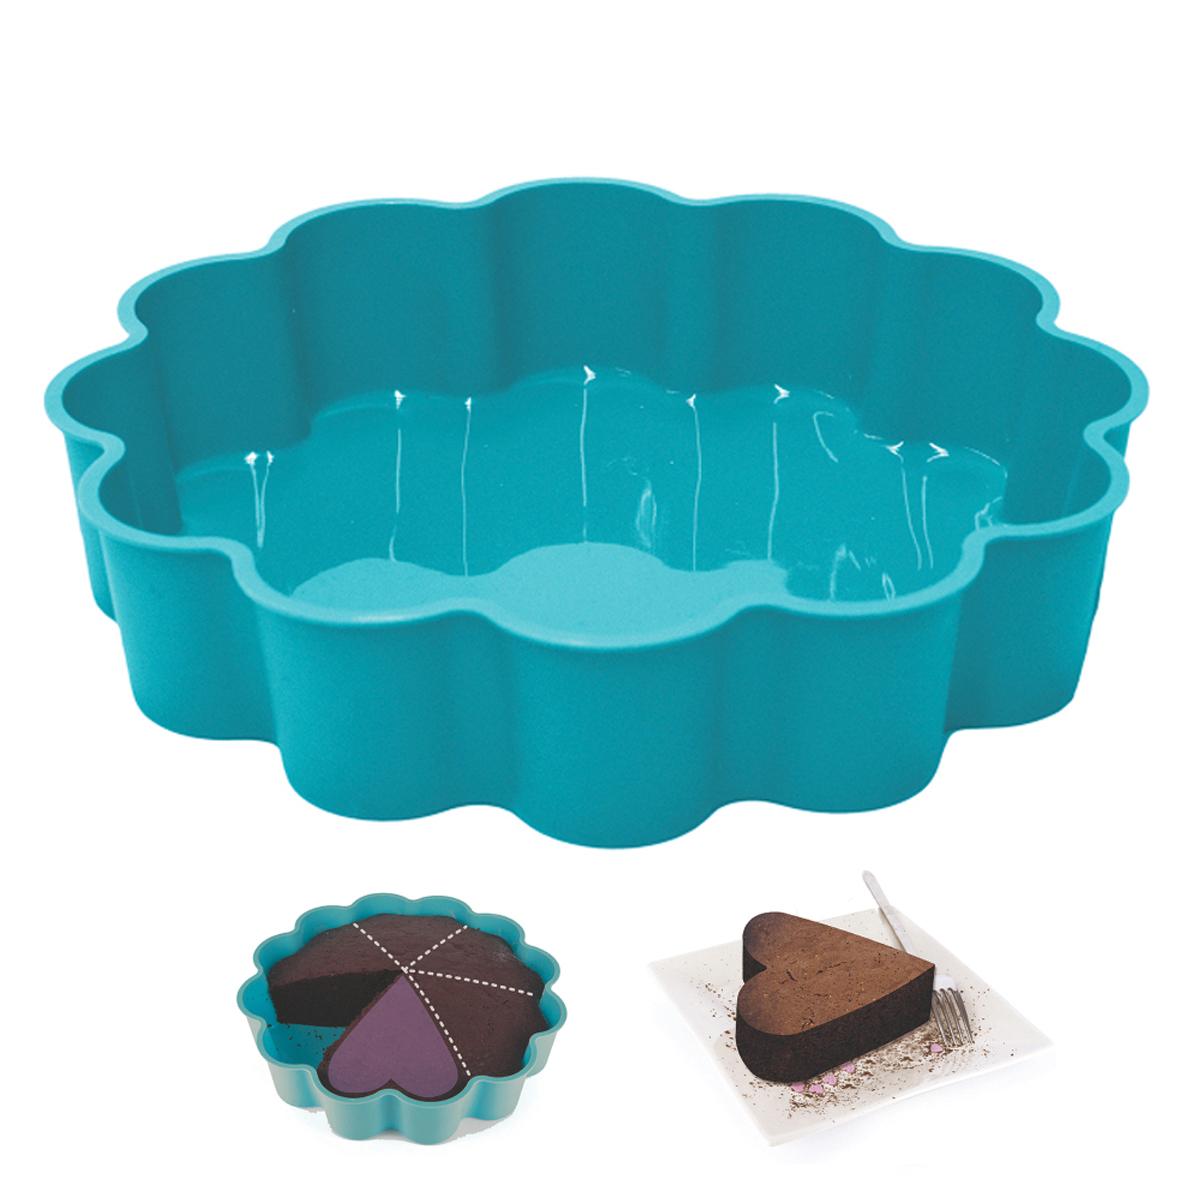 Moule silicone \'Part de Coeur\' turquoise - 24x5 cm - [A1758]